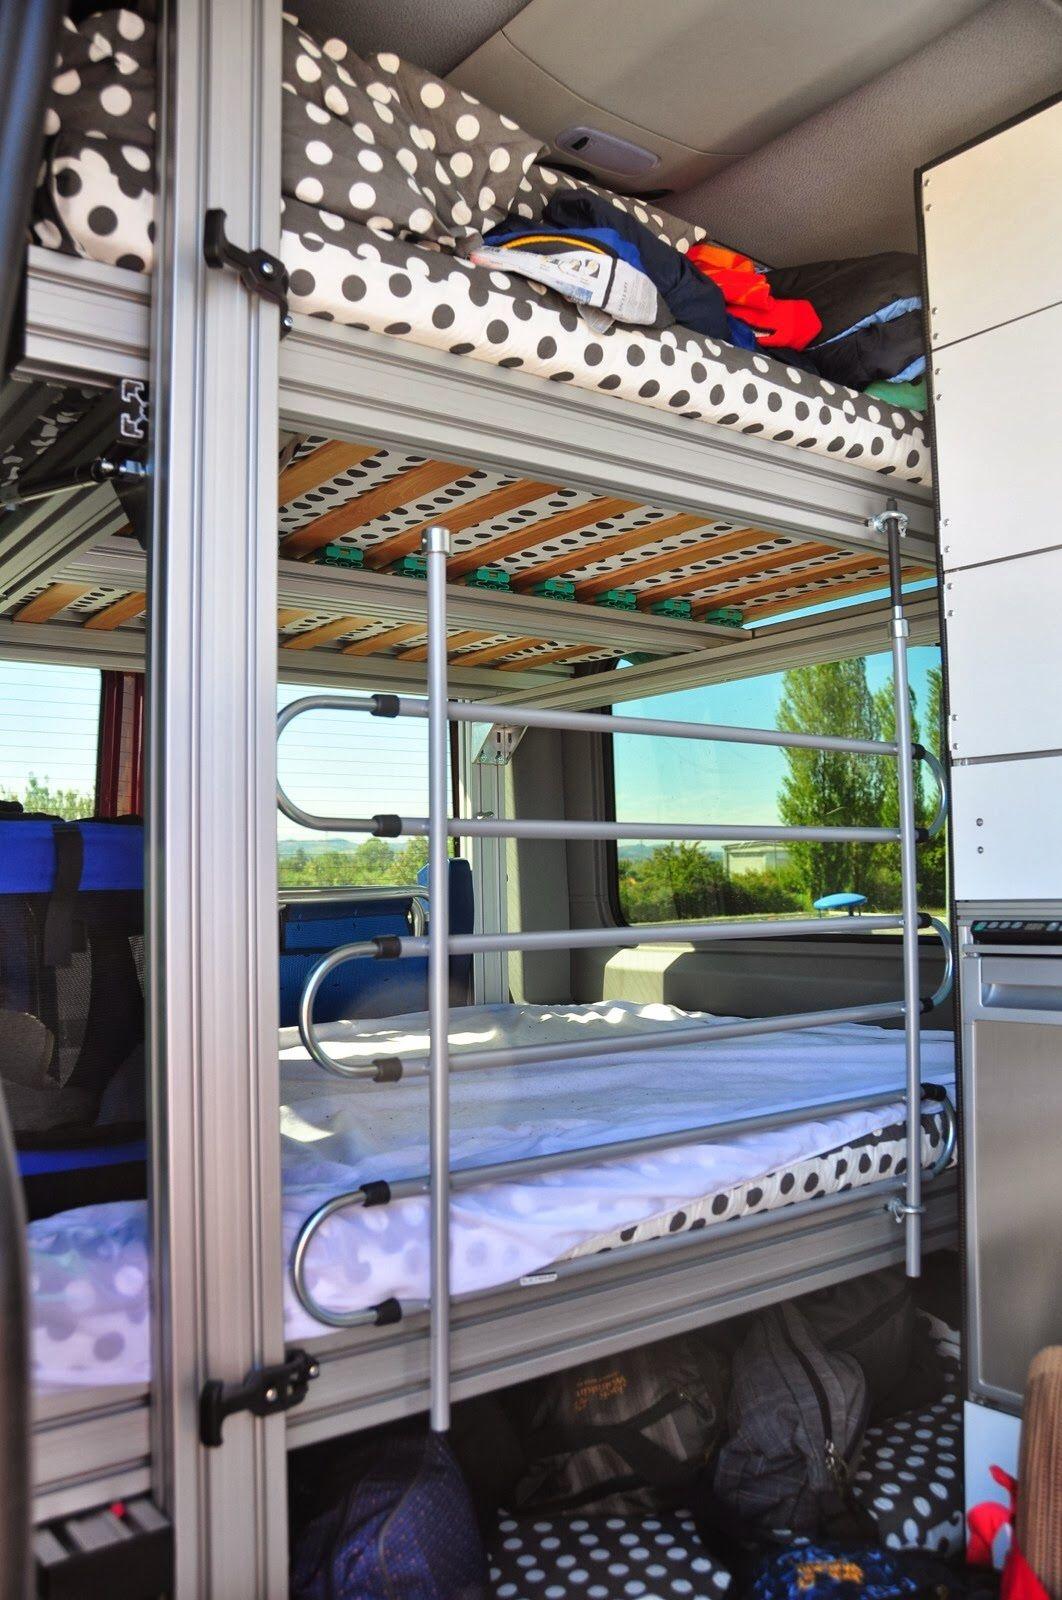 sprinter ausbau teil 3 k chenm bel mit wasserversorgung. Black Bedroom Furniture Sets. Home Design Ideas